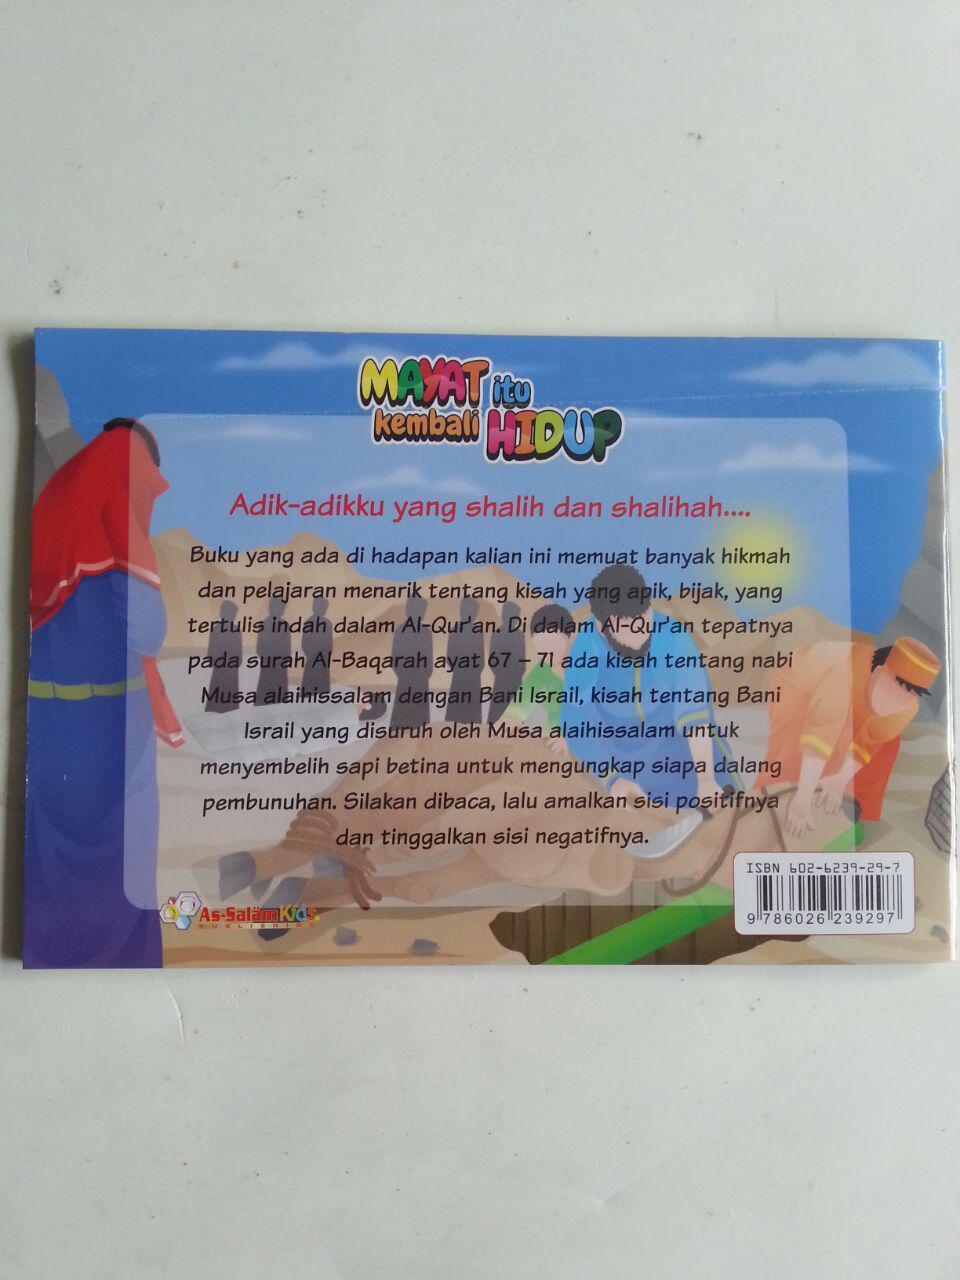 Buku Anak Mayat Itu Kembali Hidup Kisah Penyembelihan Sapi cover